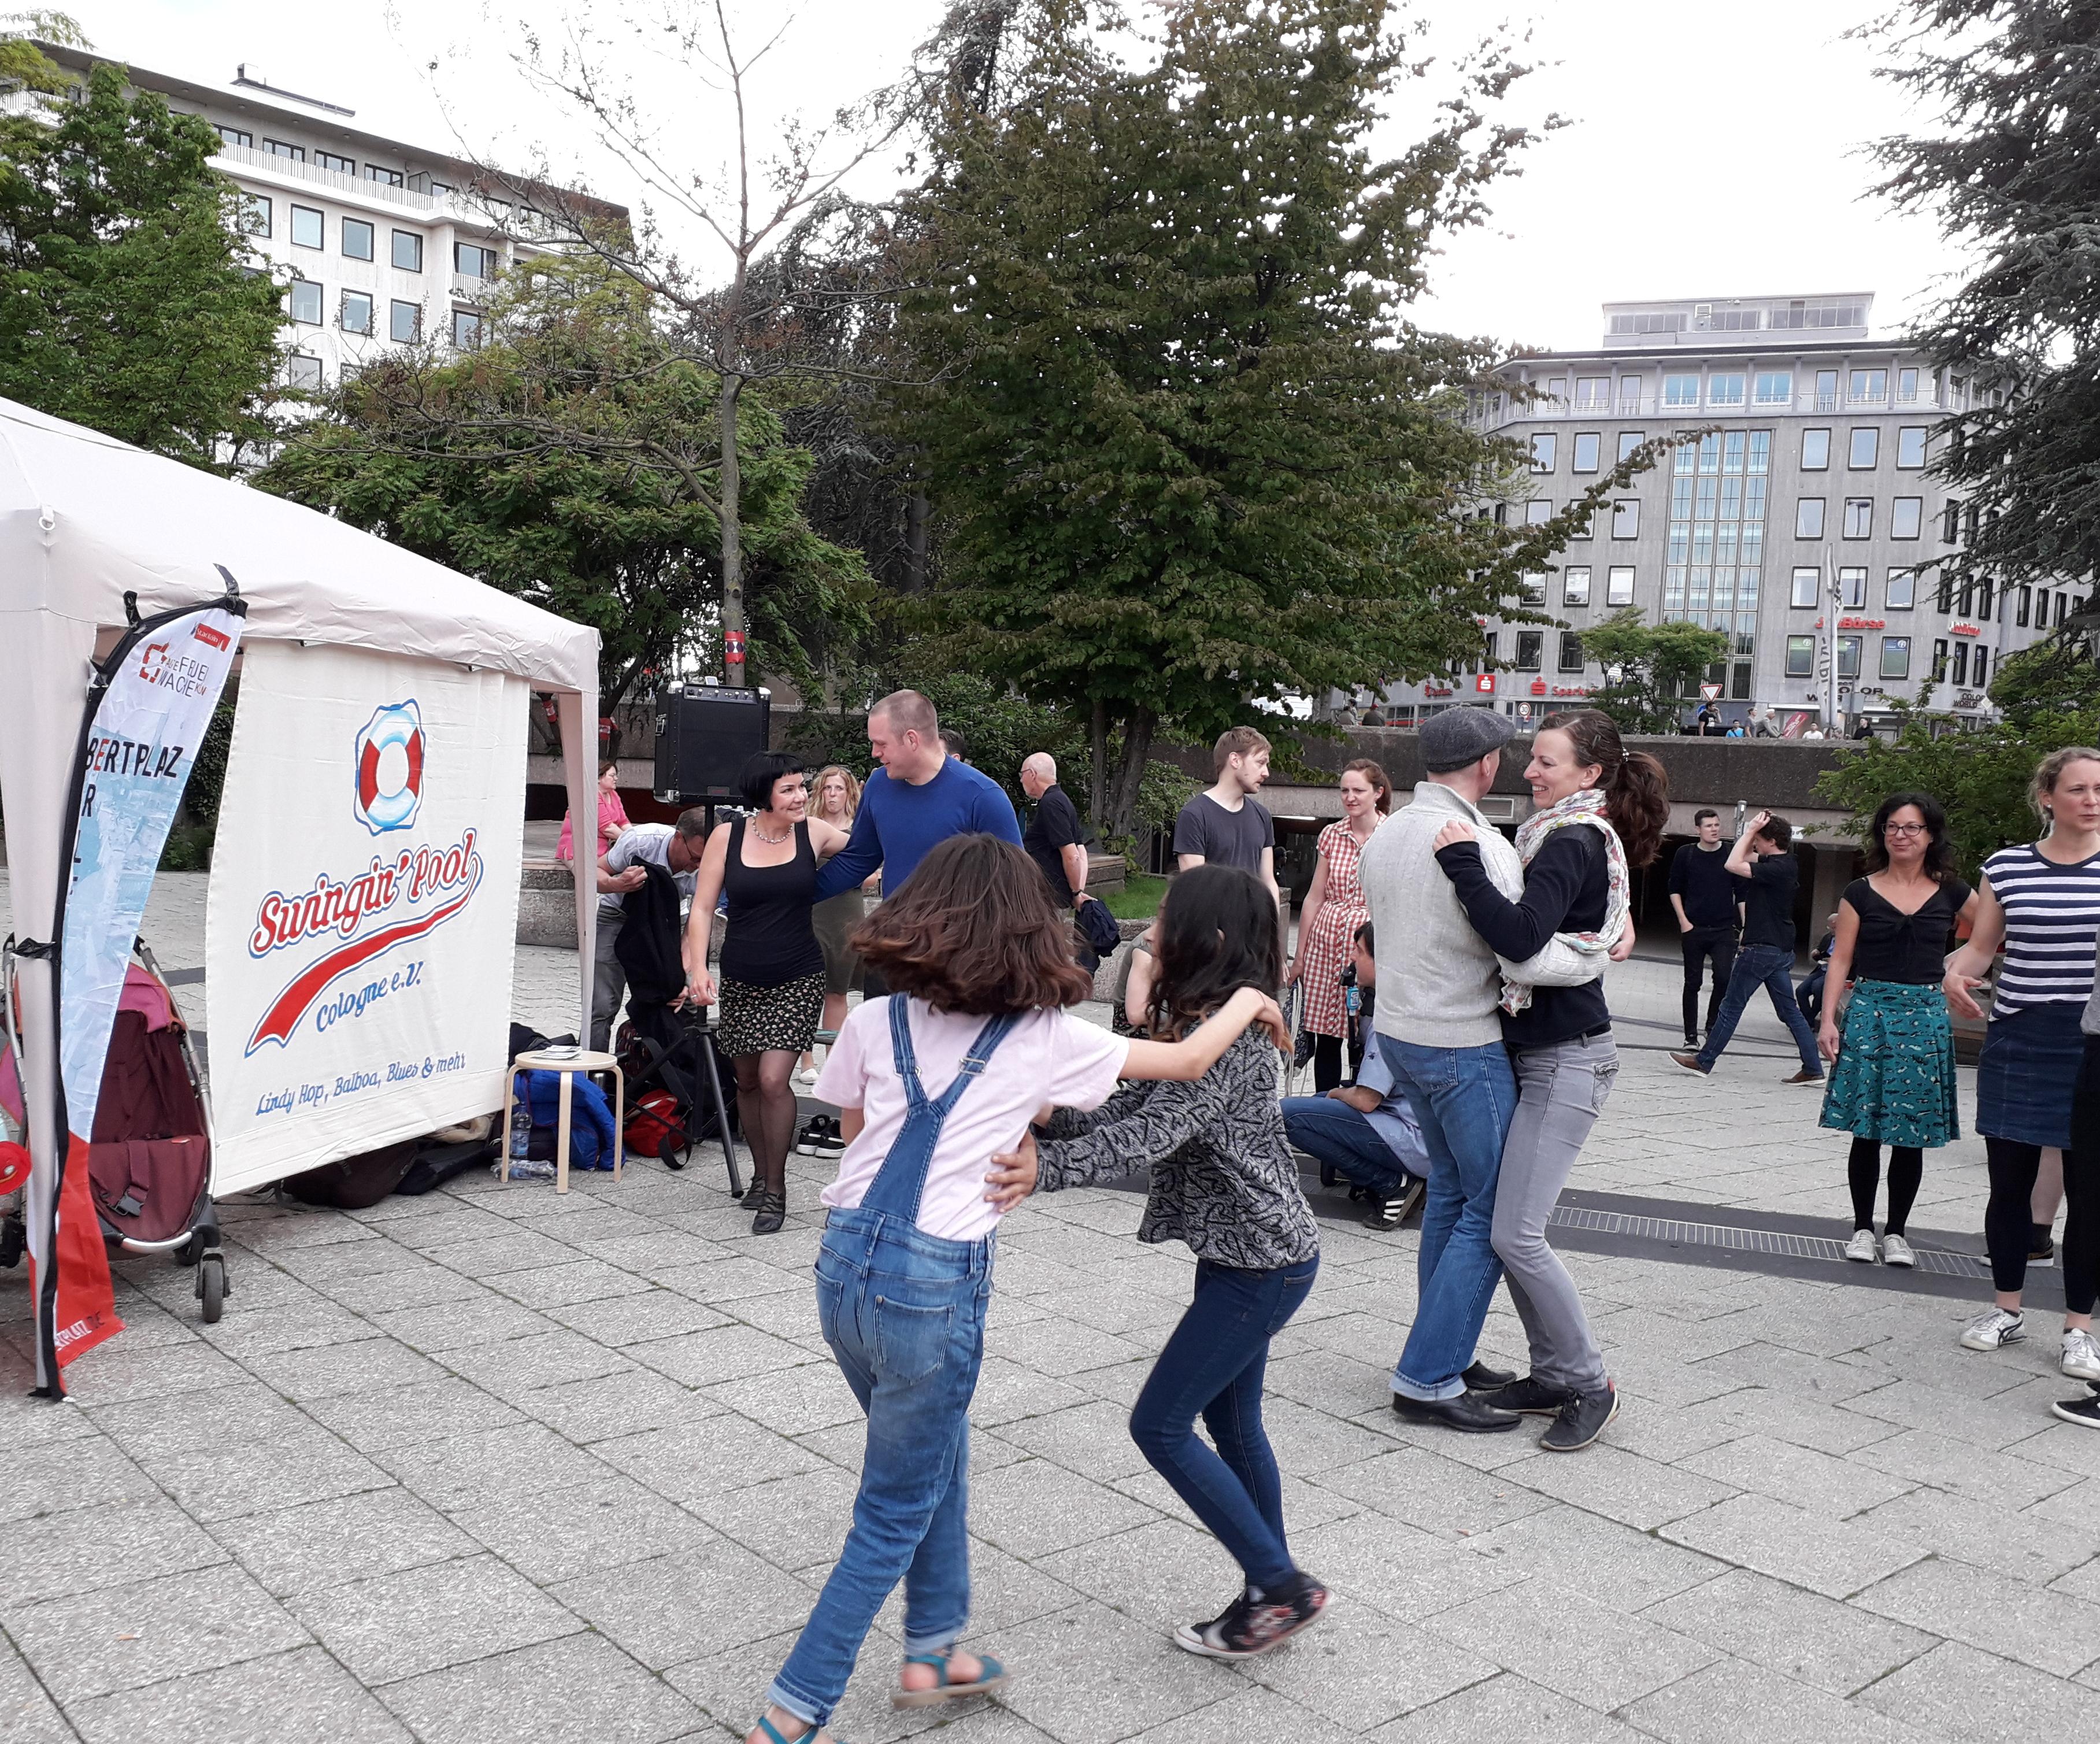 20190518_ebertplatz_erleben_musiktanz_gabi_12